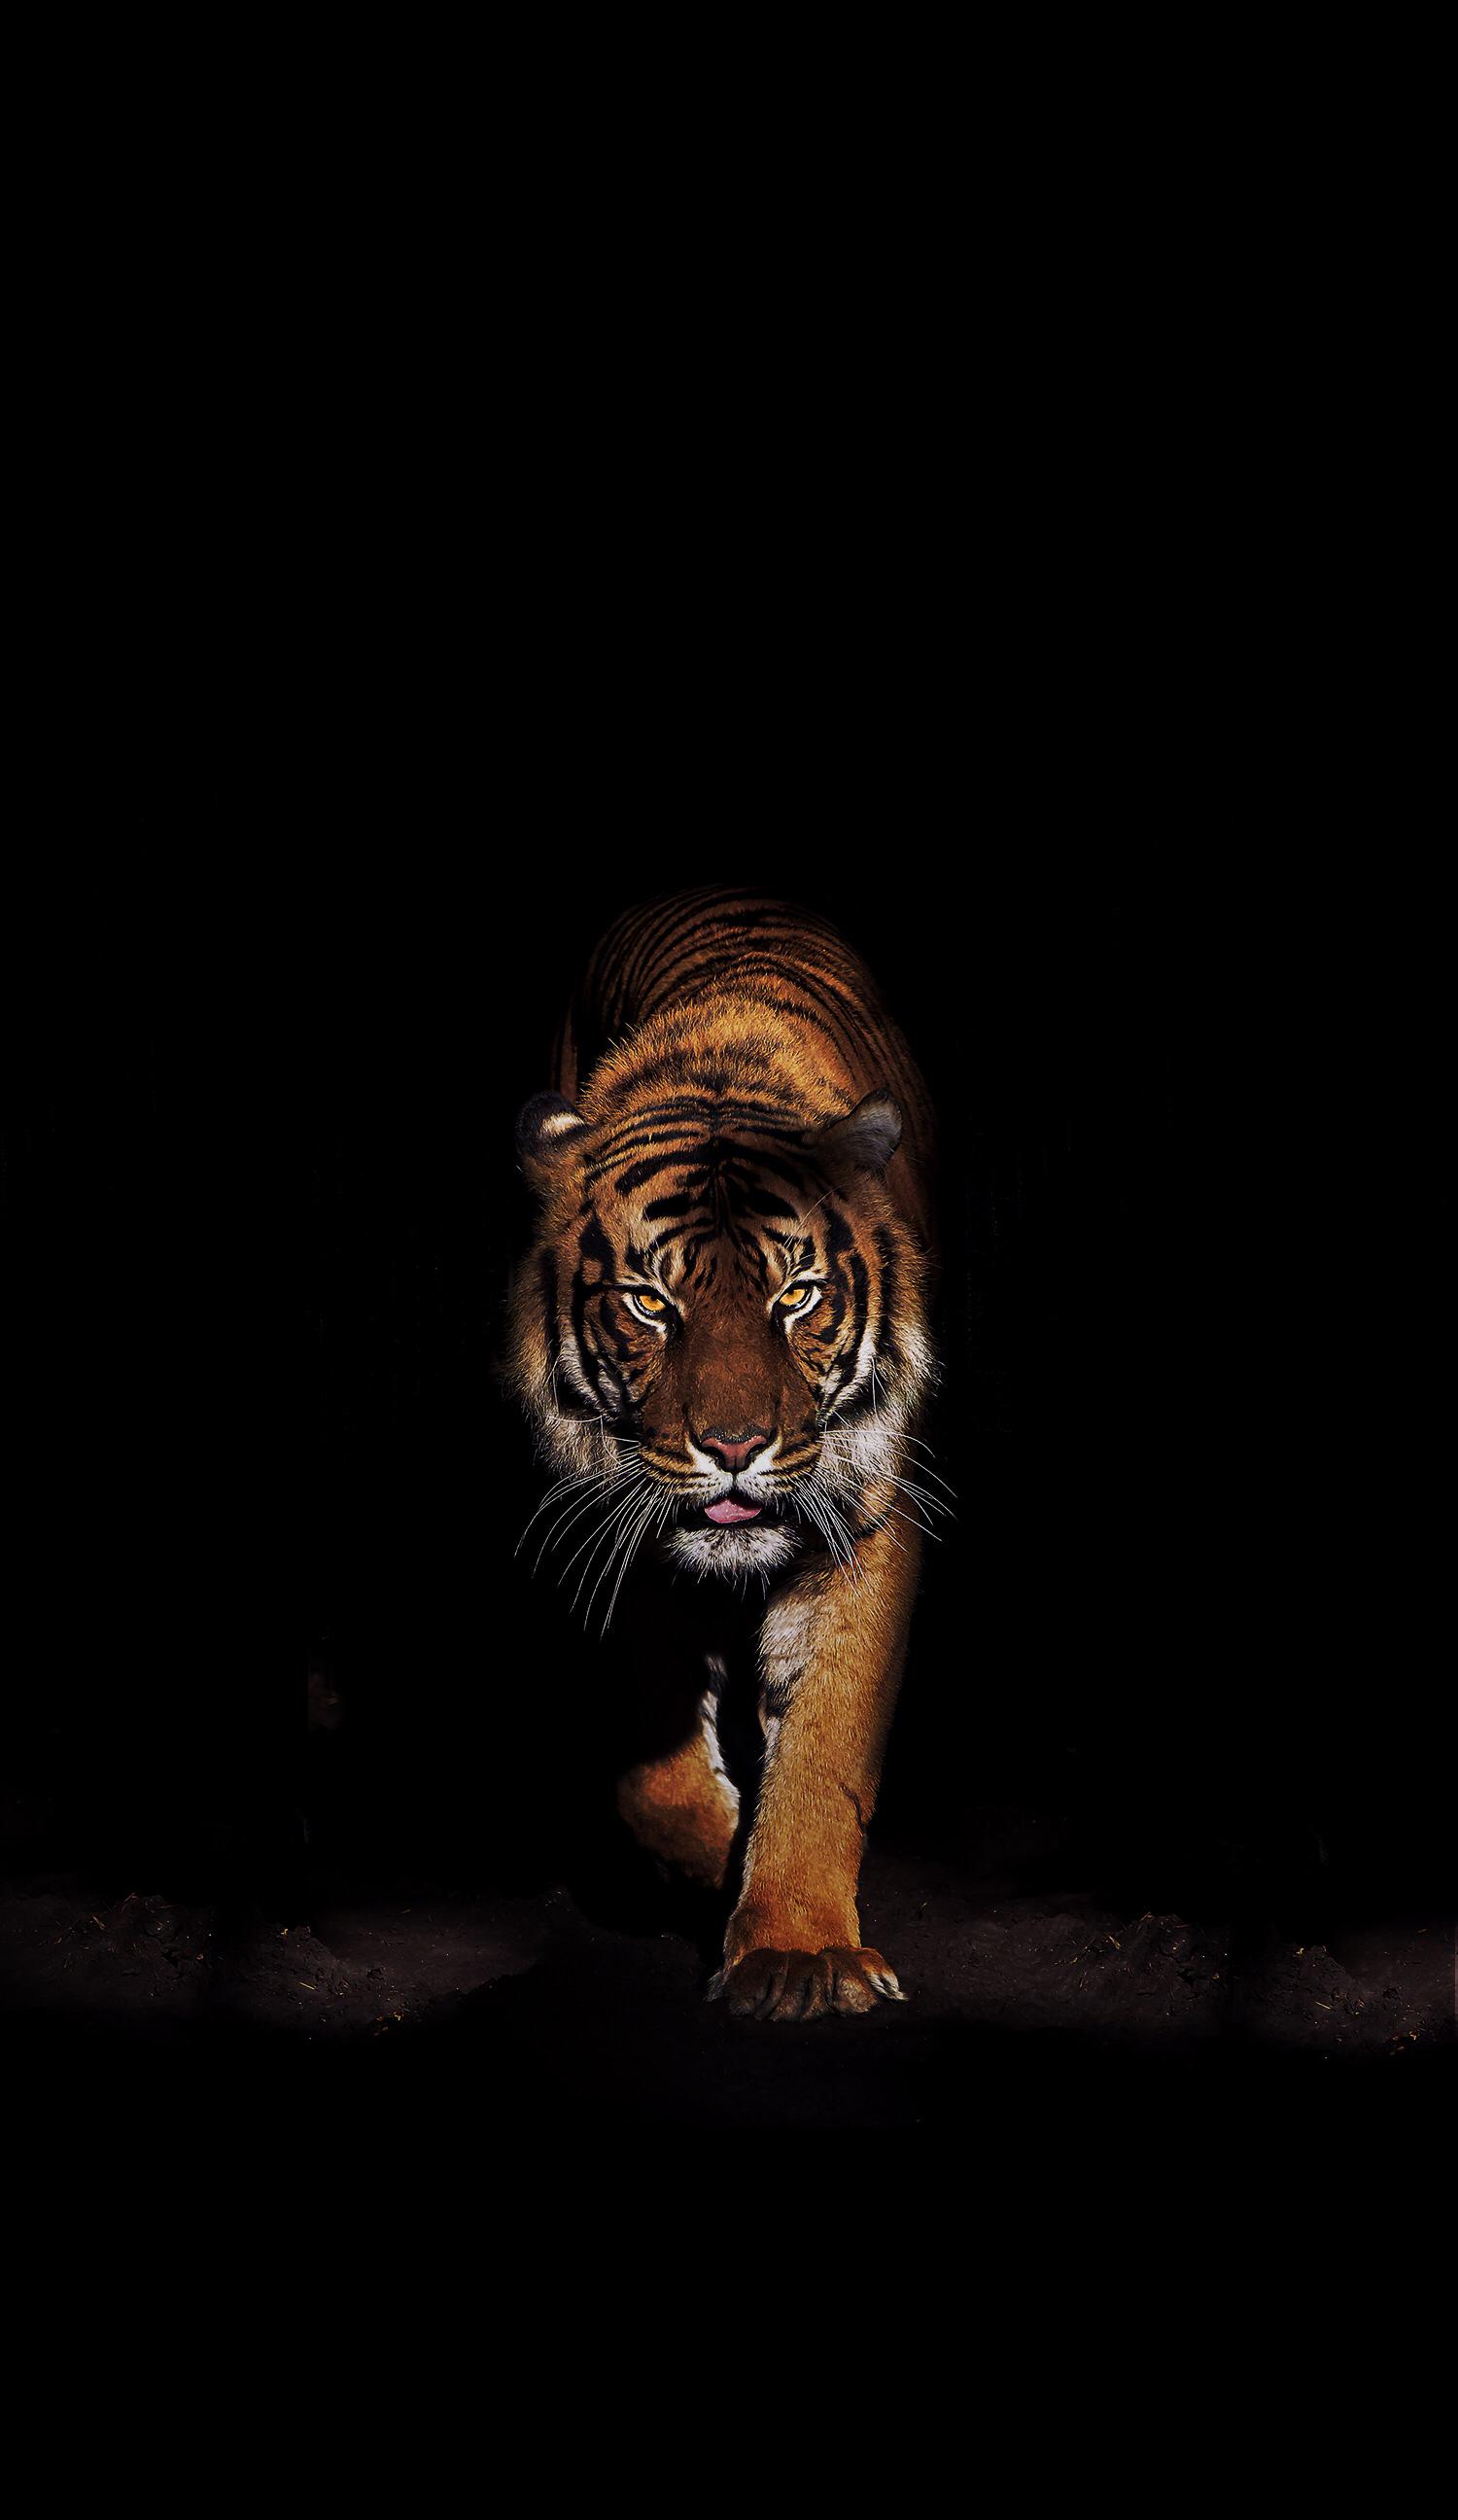 Pin By Behnam On Animal Tiger Wallpaper Cat Wallpaper